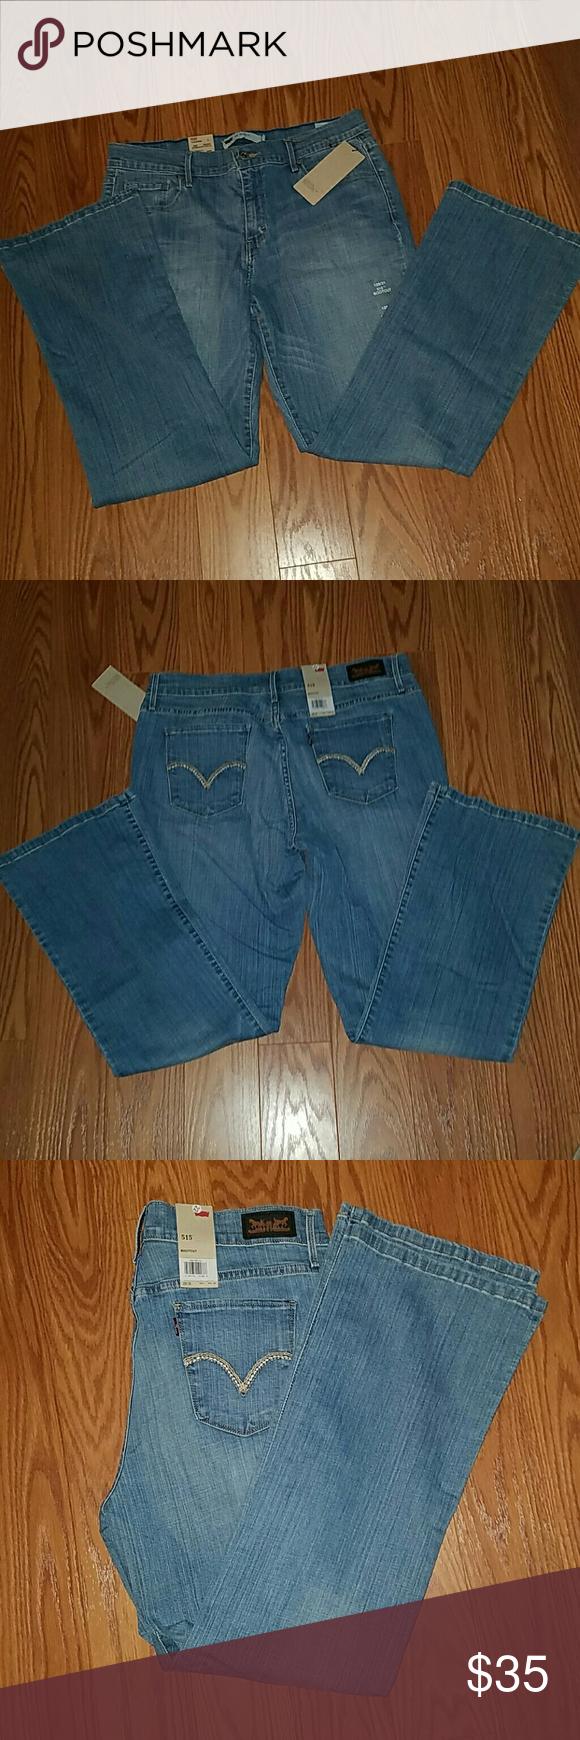 Levis 515 Black label Bootcut Midrise 12S/31 NWT Levis 515 Black label Bootcut Midrise 12S/31 NWT Levis Jeans Boot Cut